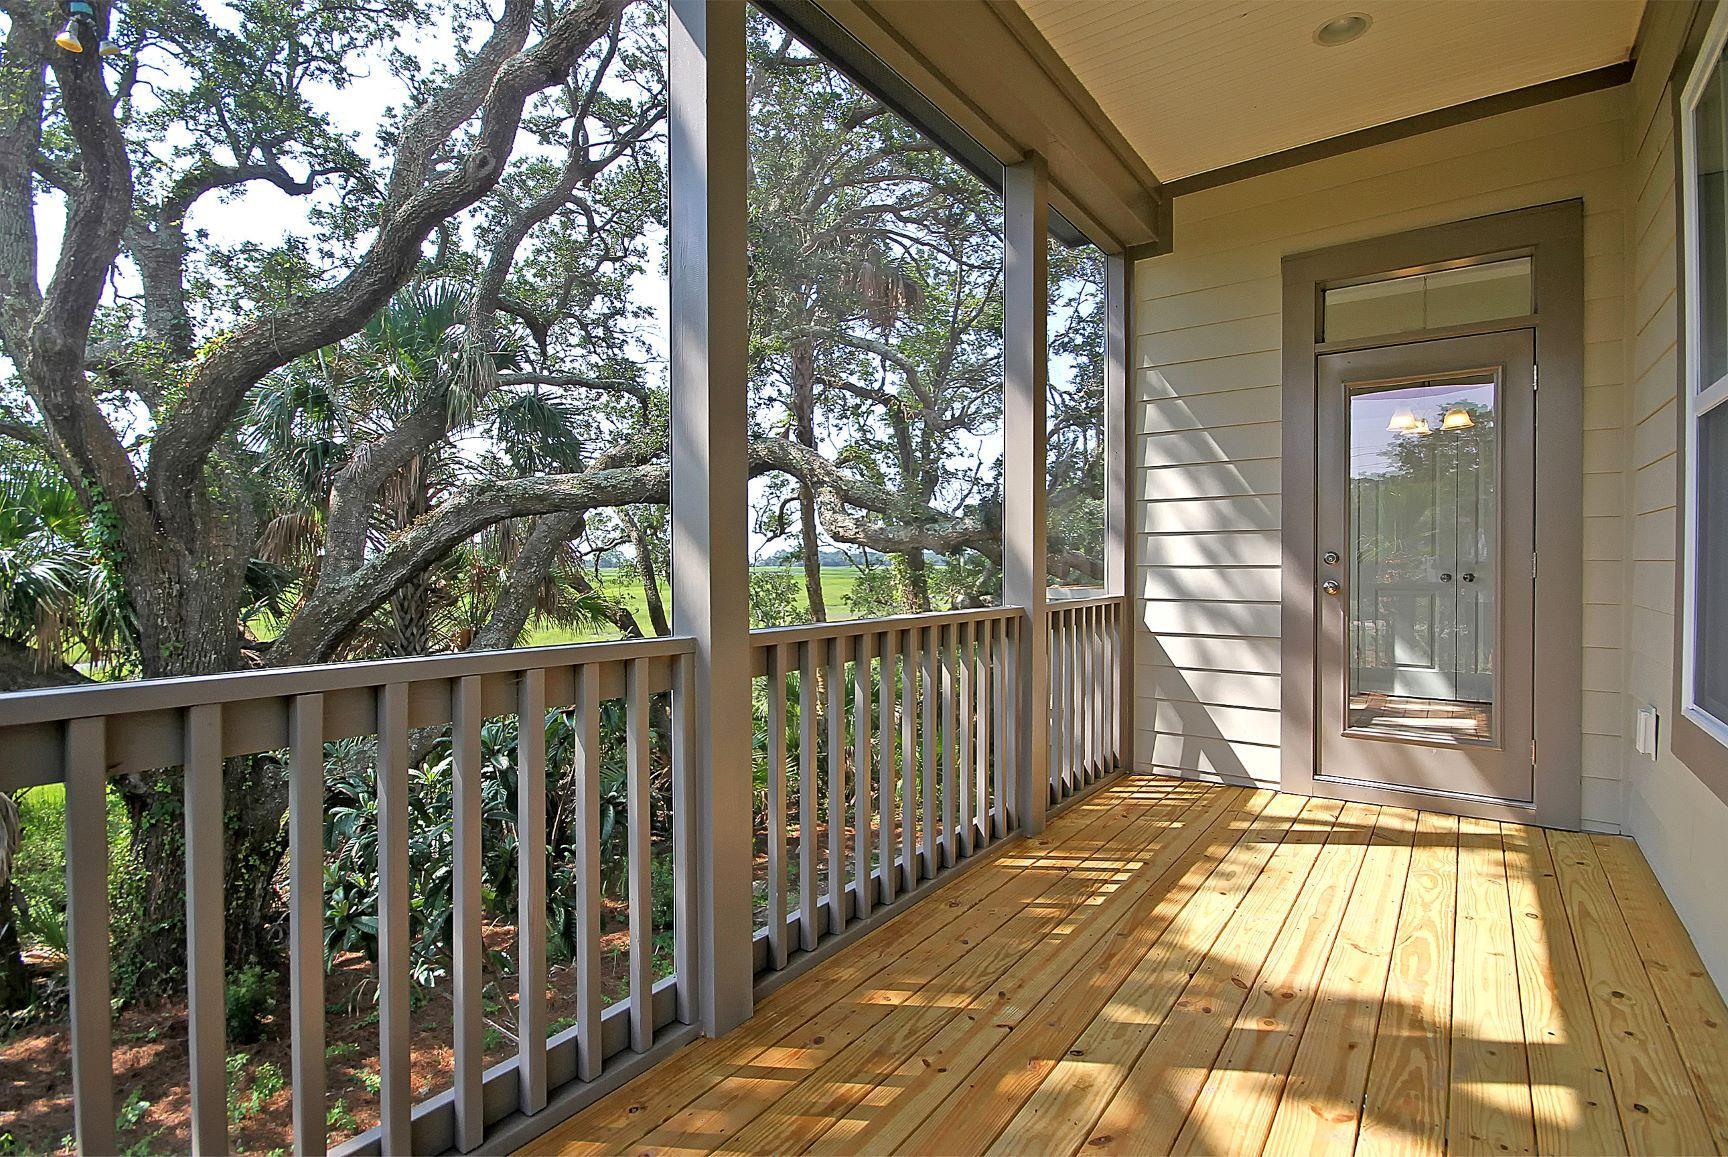 Kings Flats Homes For Sale - 121 Alder, Charleston, SC - 0